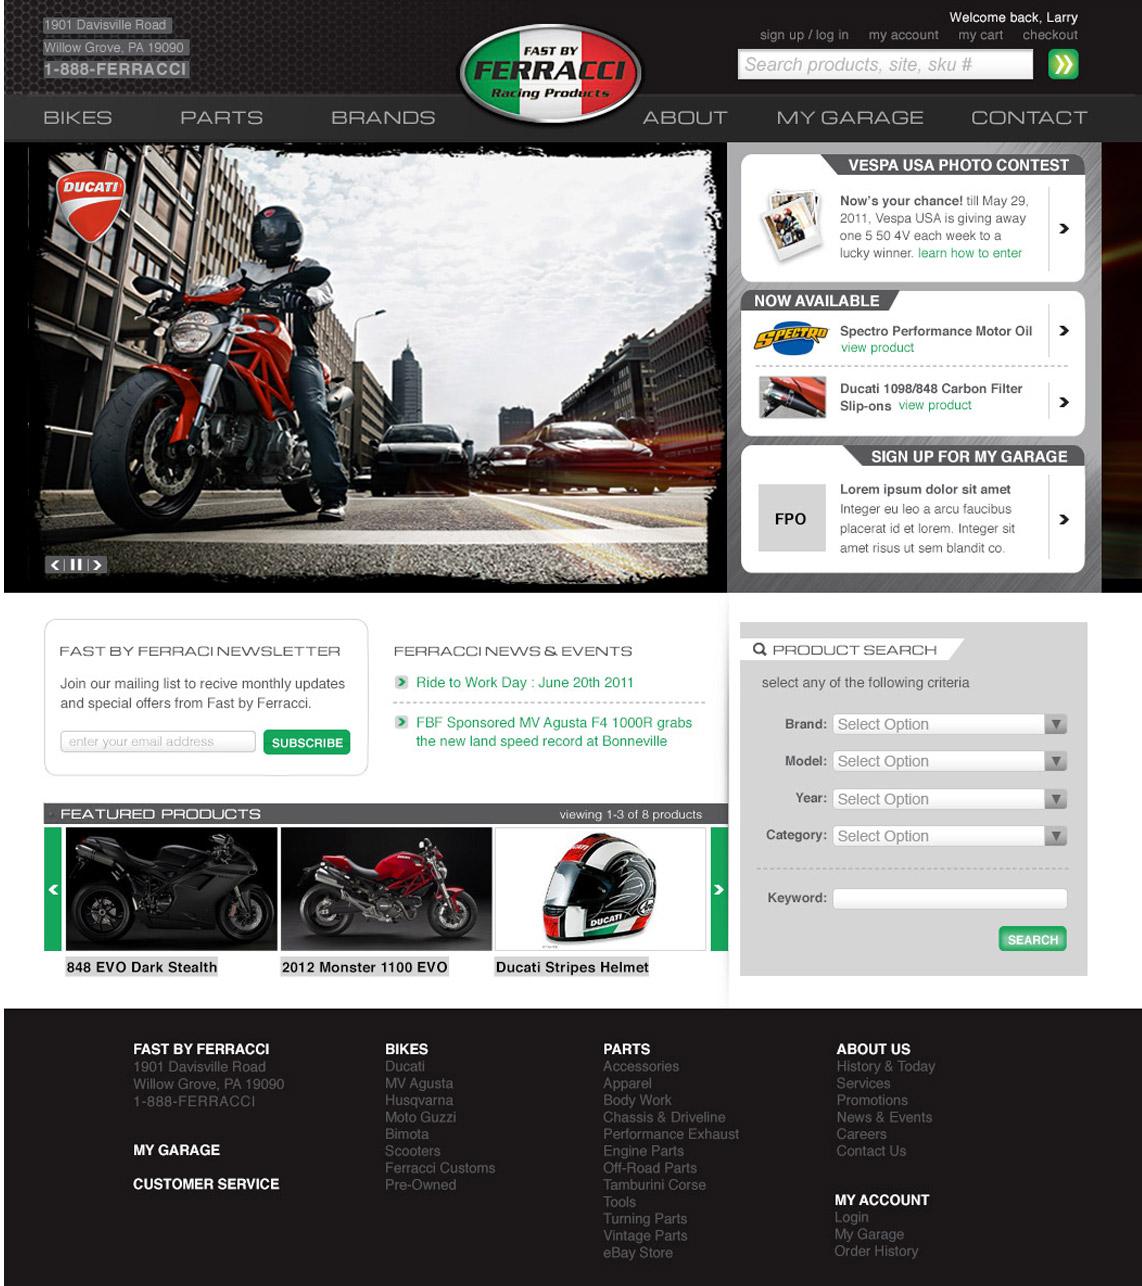 ferracci website design